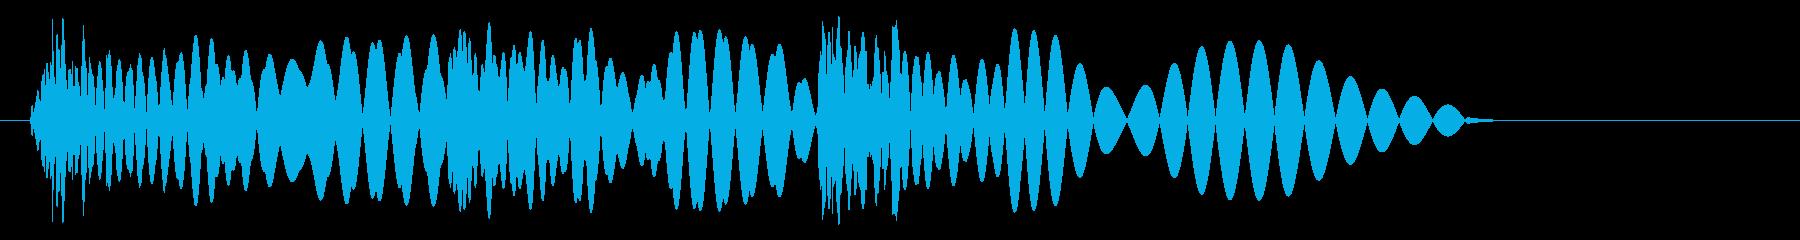 ドドッバンという効果音の再生済みの波形